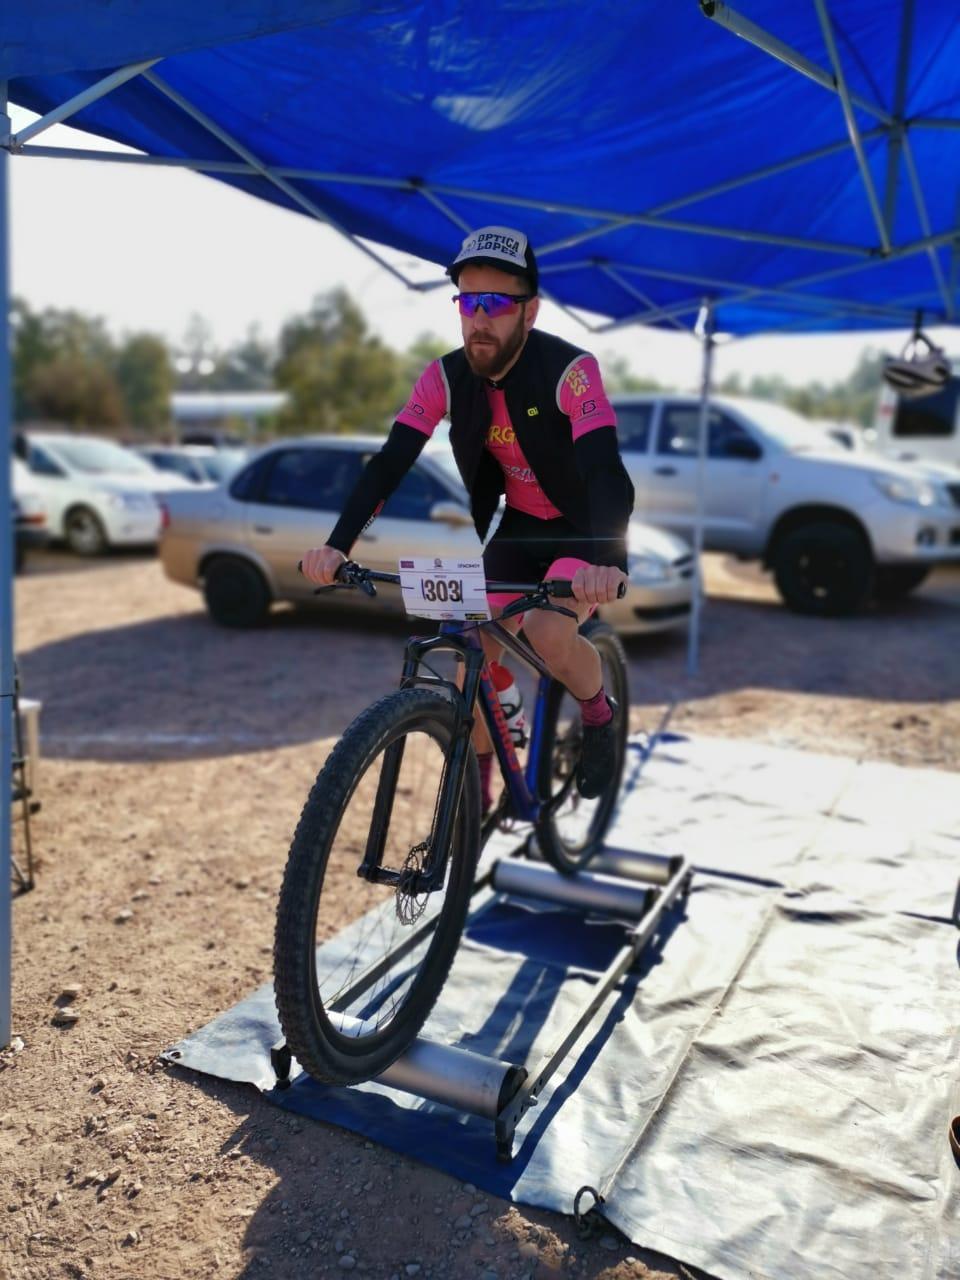 «La bicicleta para mí lo es todo, si este esfuerzo sirve para motivar bienvenido sea» (Audio)